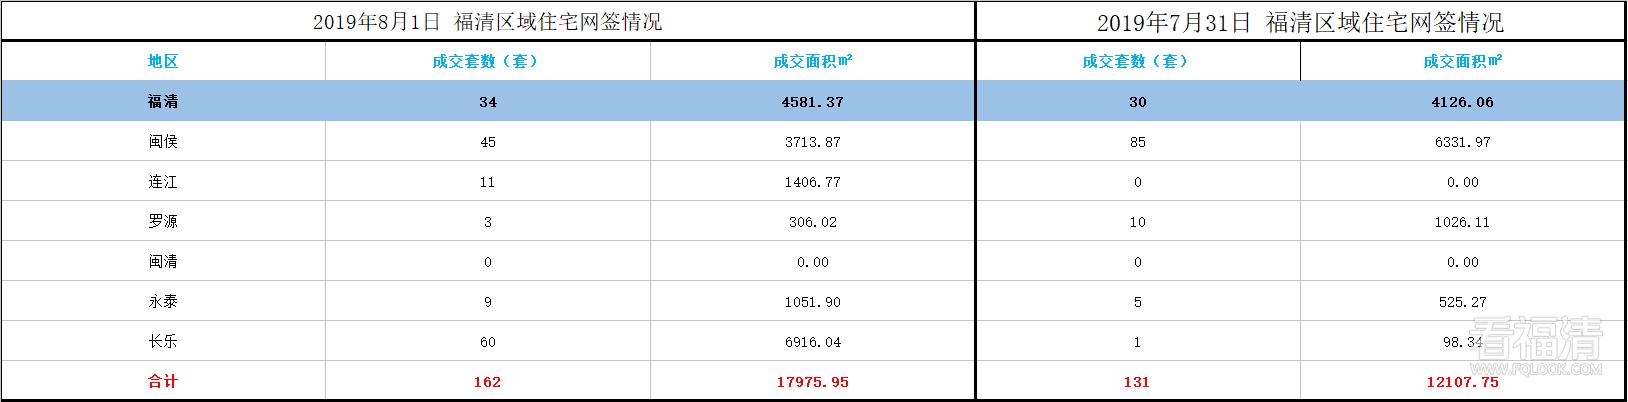 福清市2019年8月份区域住宅网签情况